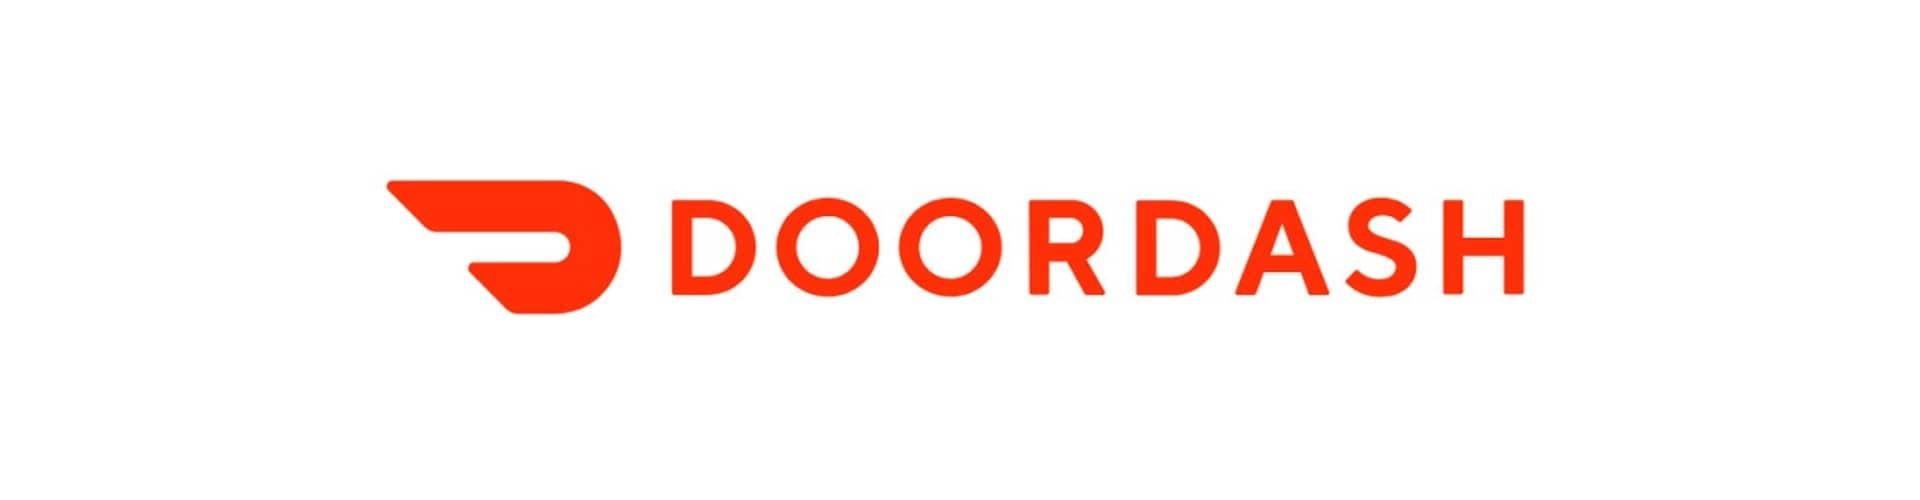 DoorDash(ドアダッシュ)企業ロゴ